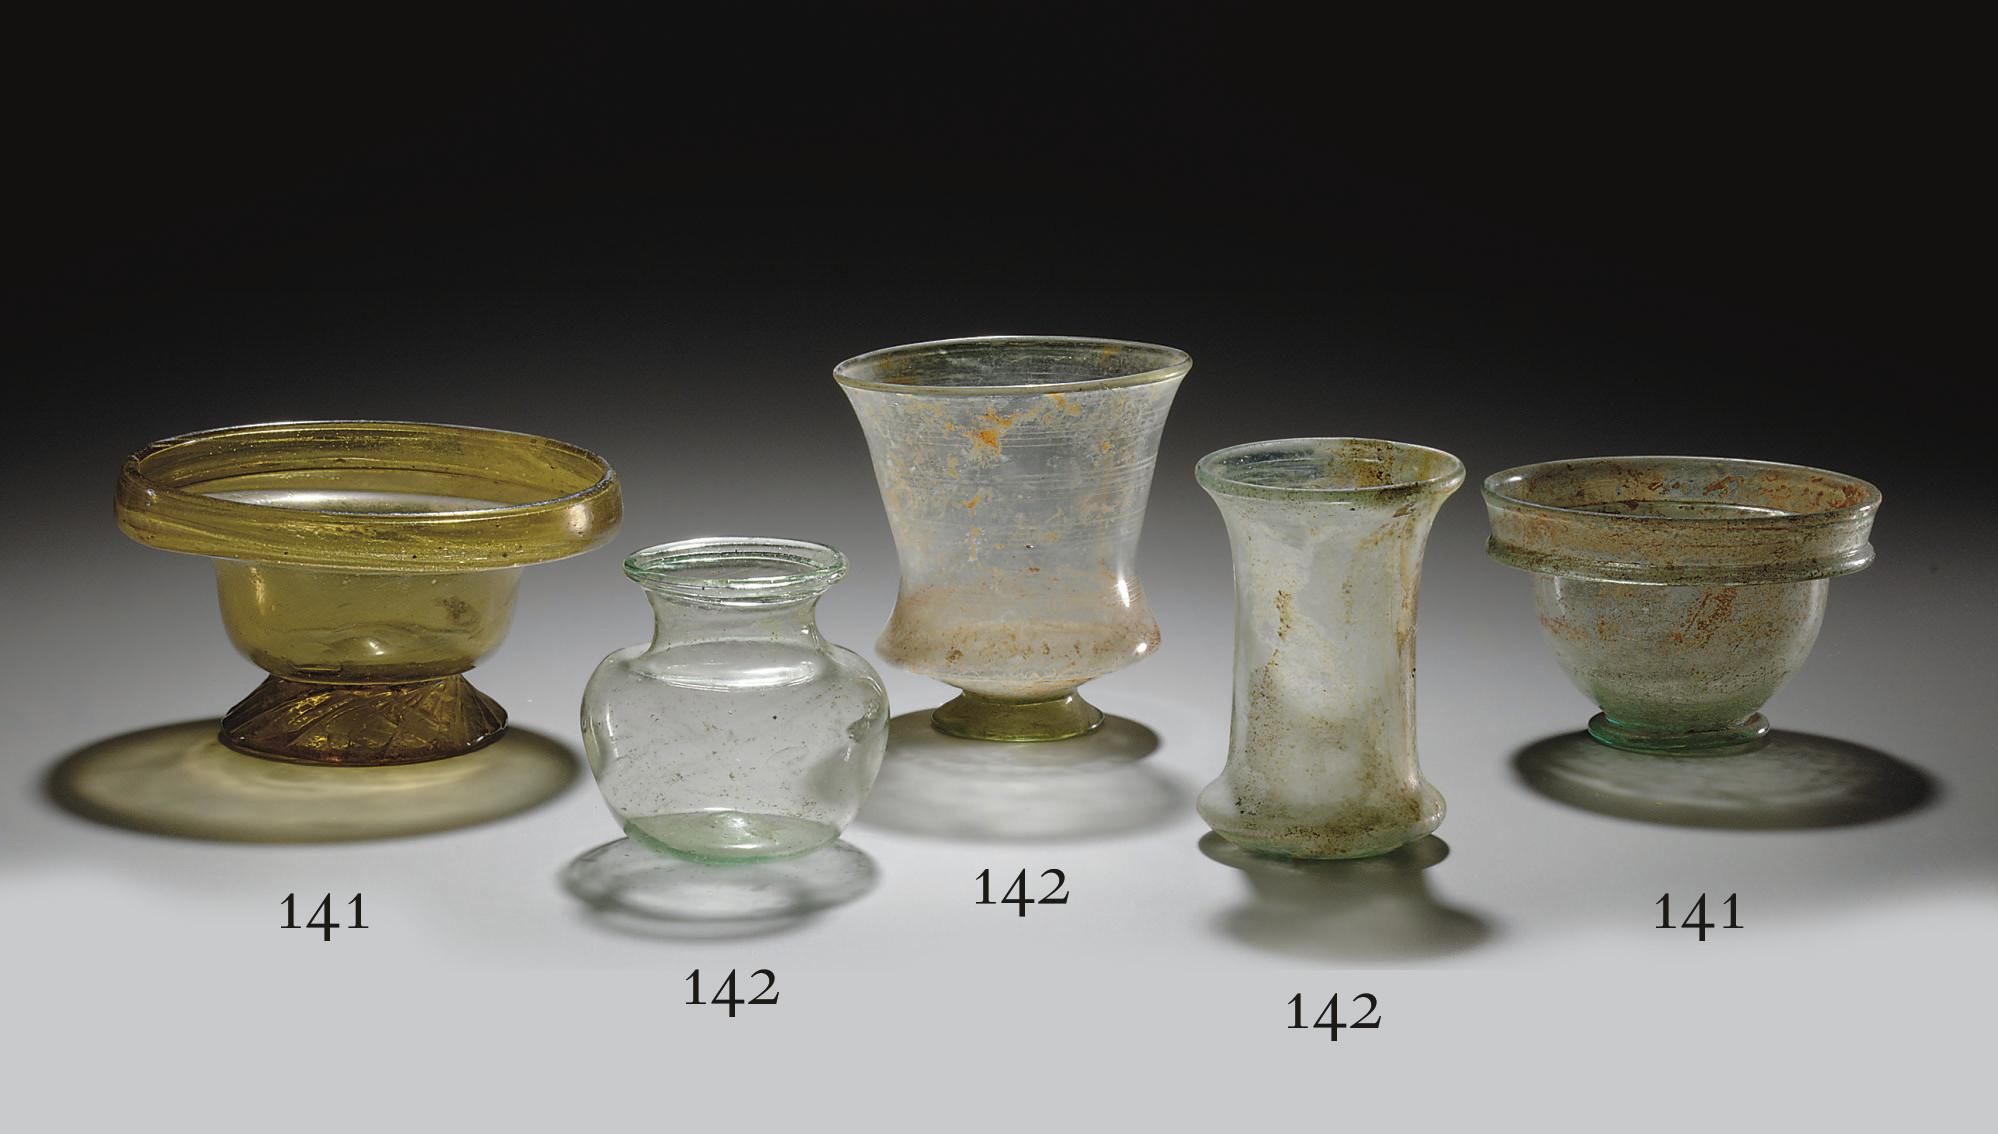 TWO ROMAN GLASS PATELLAE